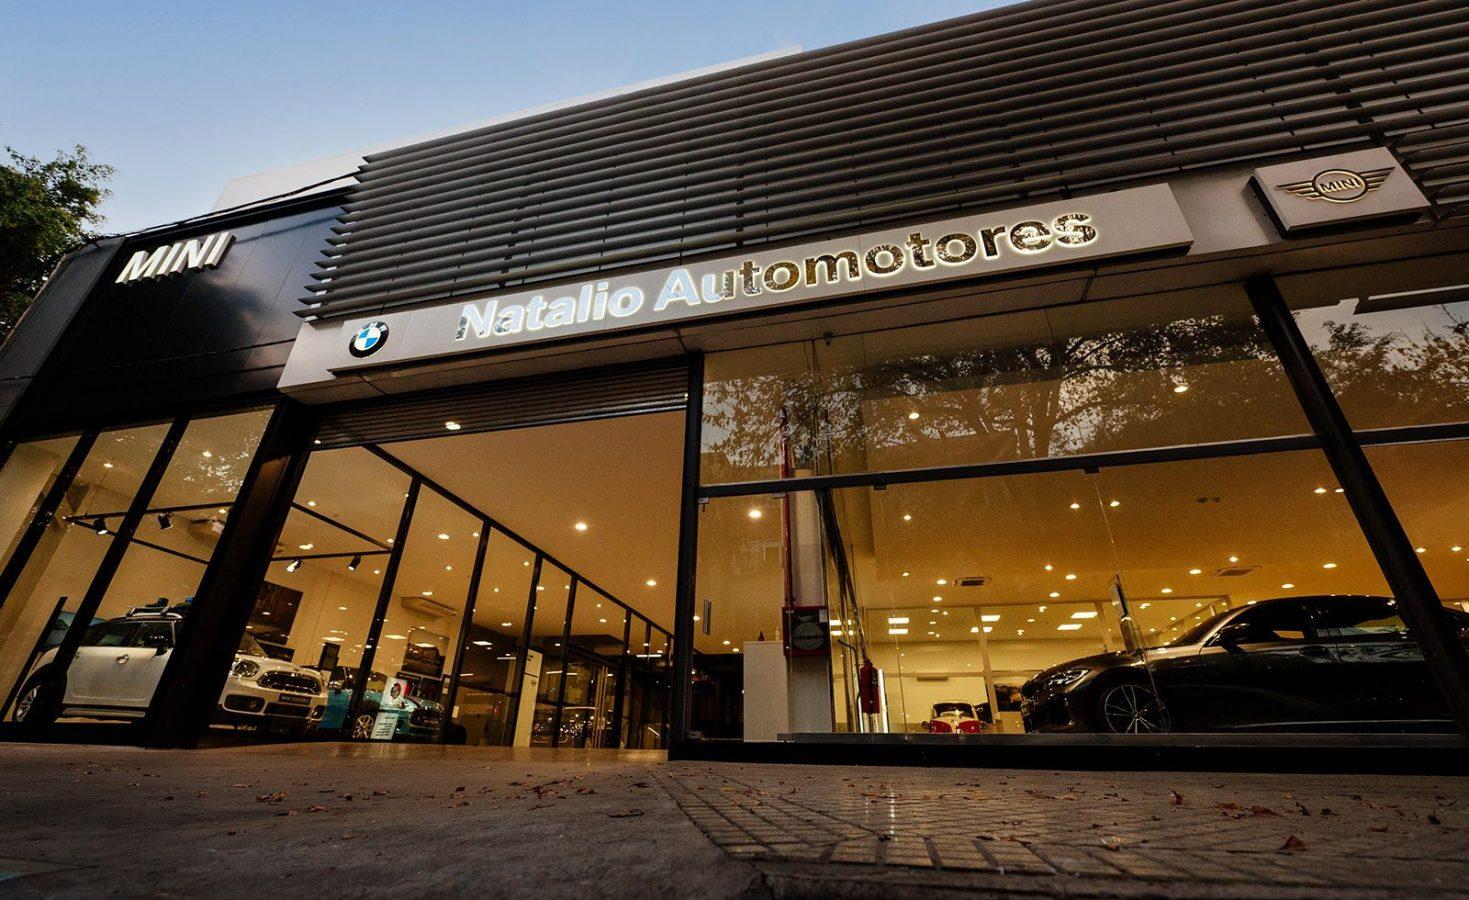 BMW continúa con su plan de inversiones en su red de concesionarios por más de US$ 10 millones